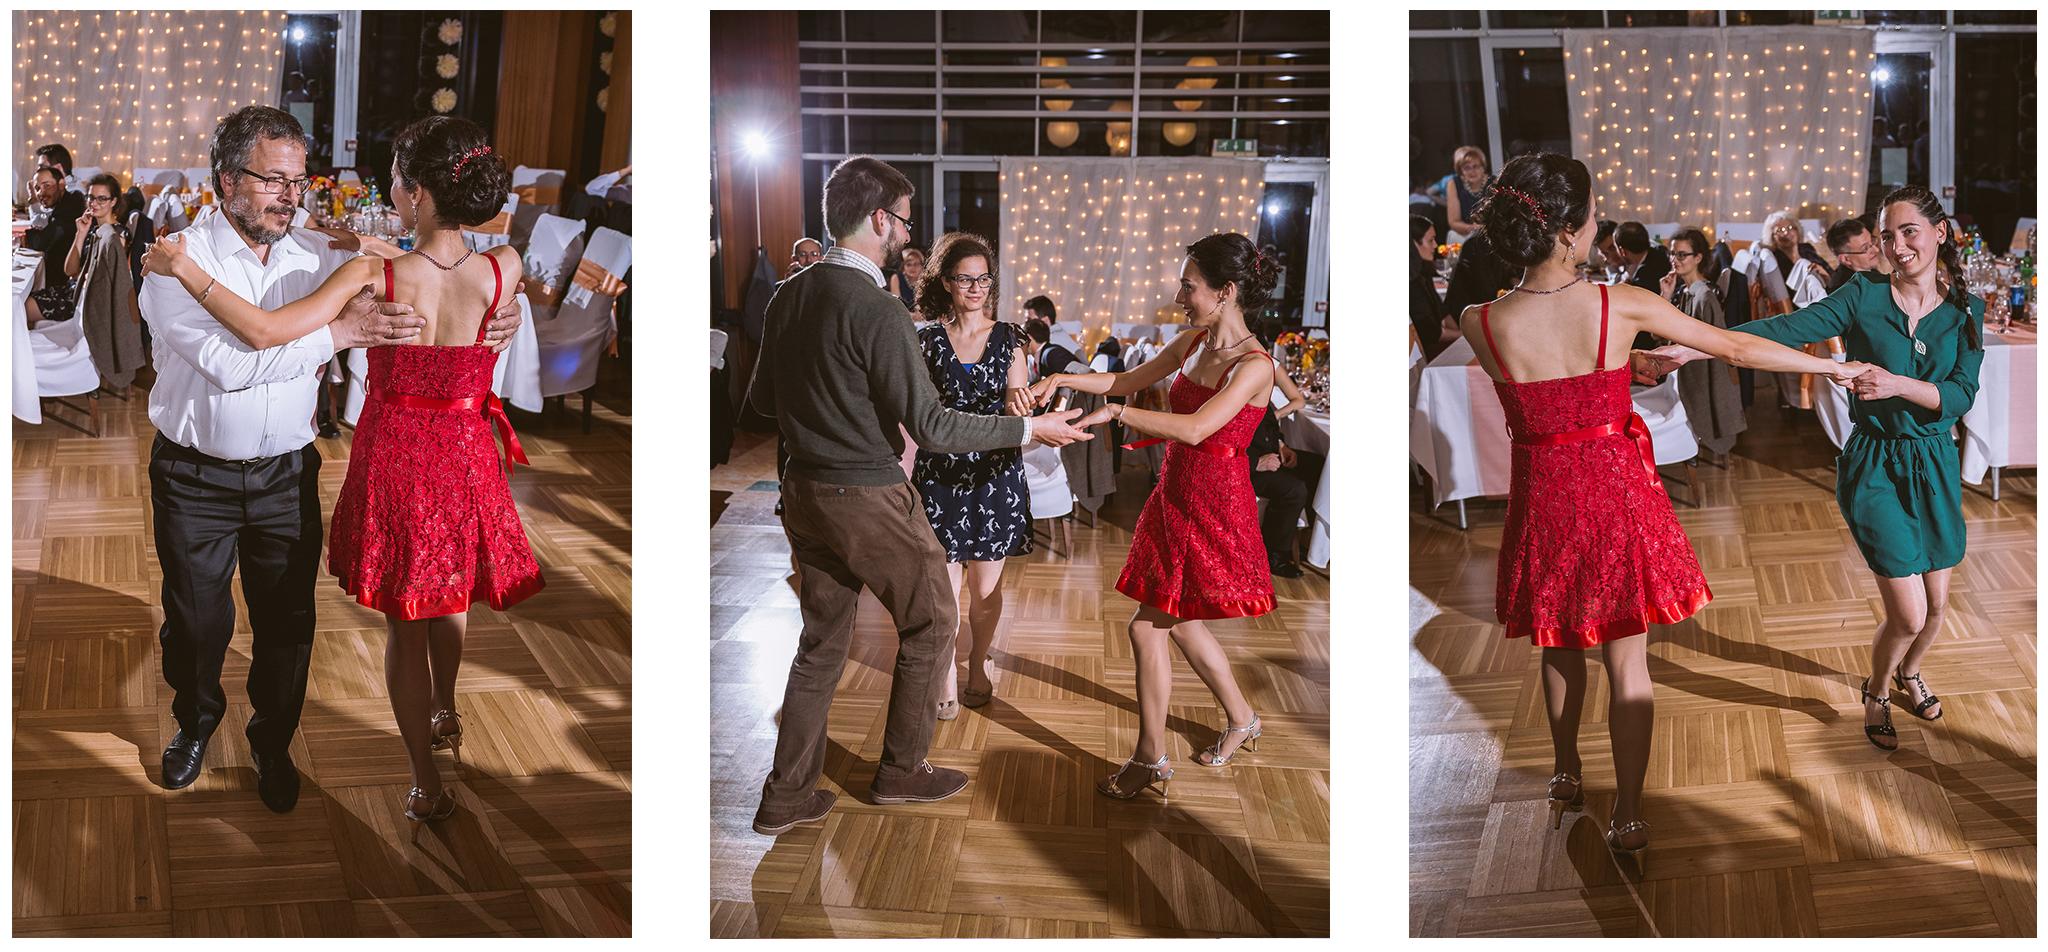 FylepPhoto, esküvőfotós, esküvői fotós Körmend, Szombathely, esküvőfotózás, magyarország, vas megye, prémium, jegyesfotózás, Fülöp Péter, körmend, kreatív, fotográfus_053.jpg